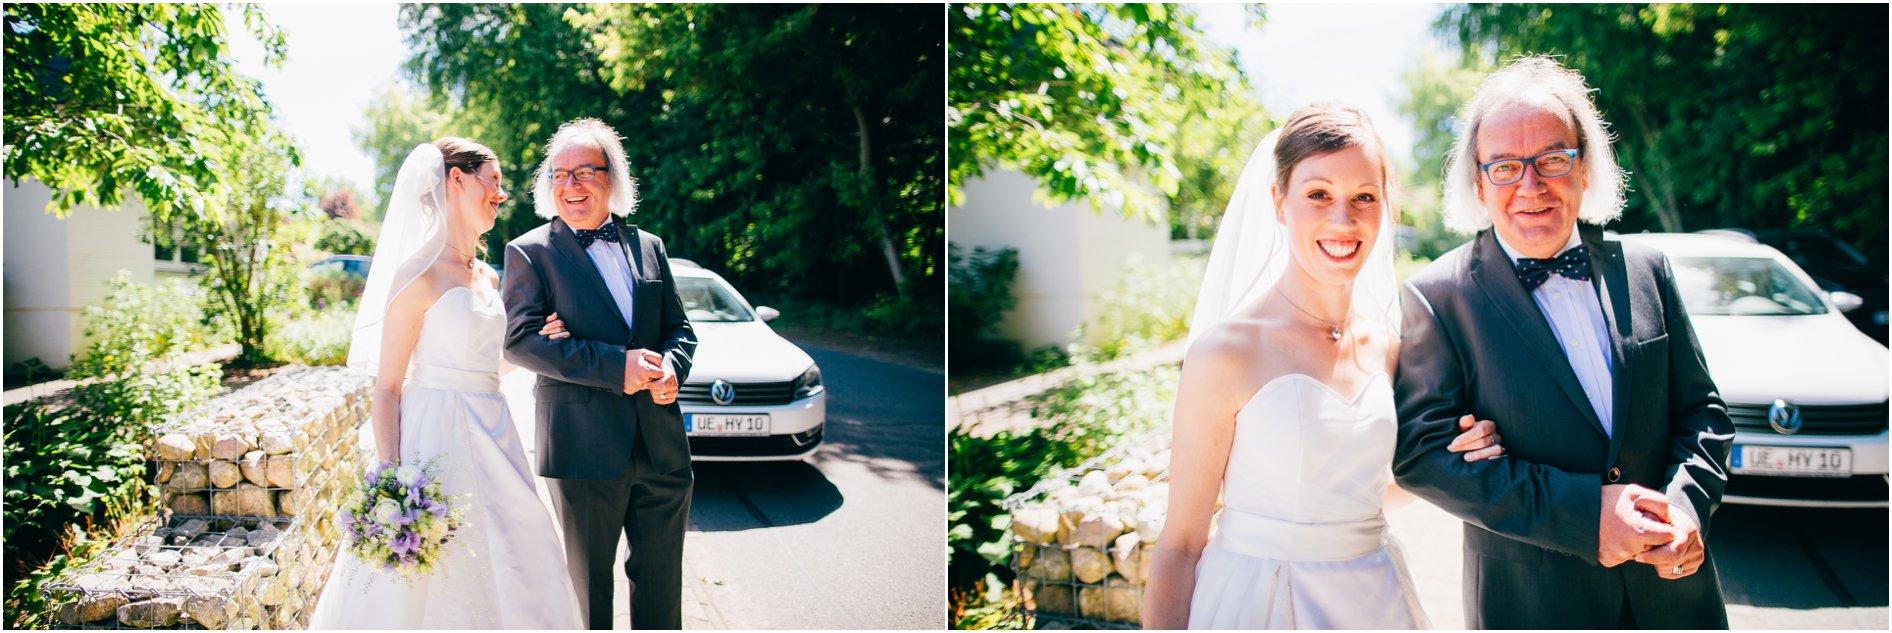 2014-08-07_0030 Wiebke und Marcio - Hochzeitsfotograf in Lüneburg